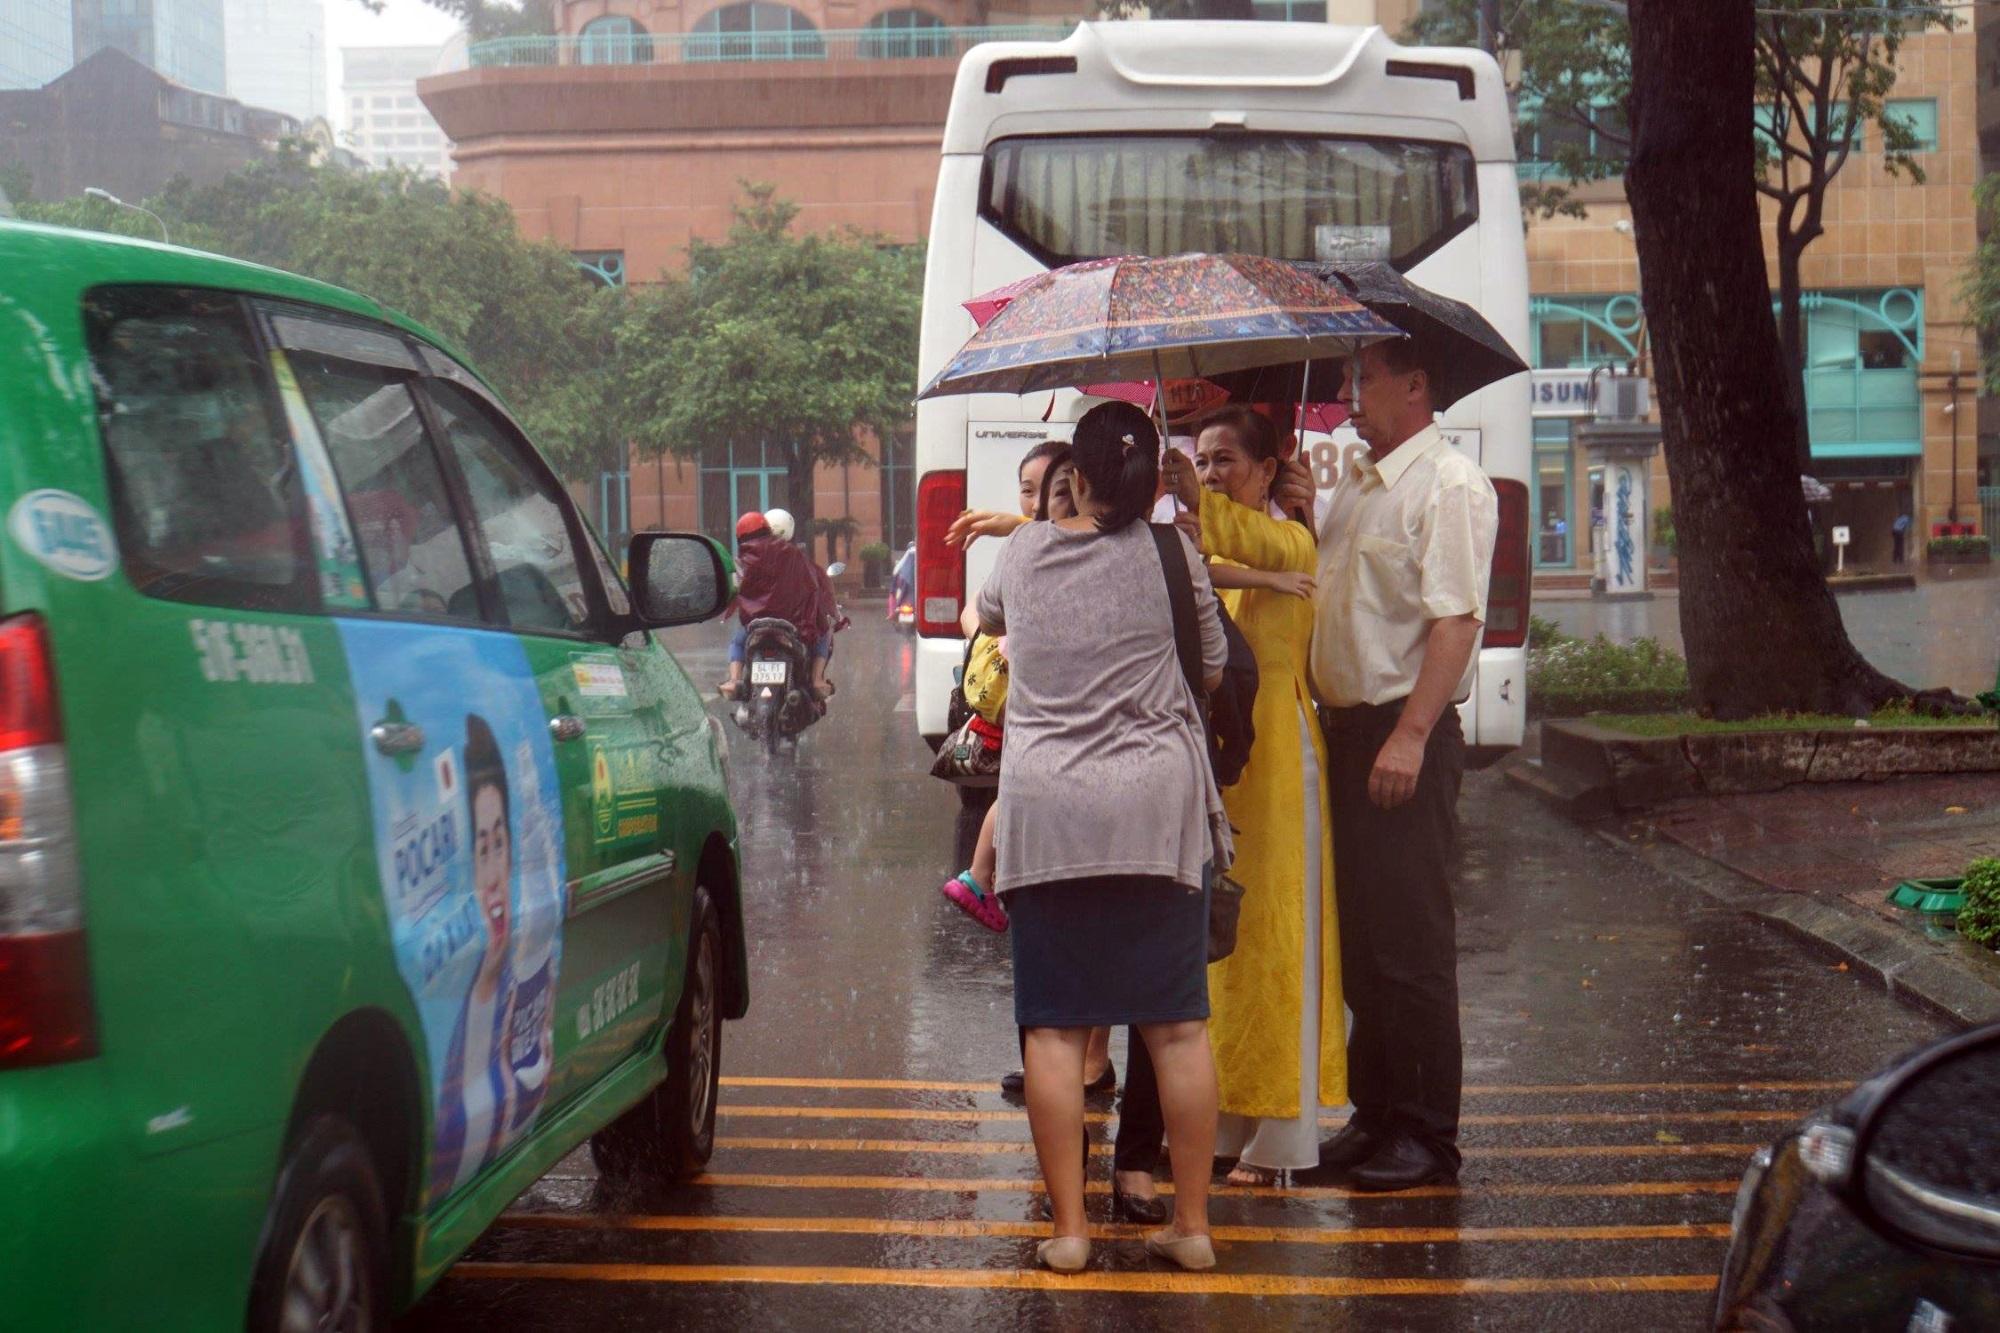 Sài Gòn mưa như trút nước, du khách thoải mái dạo mưa chụp ảnh - Ảnh 5